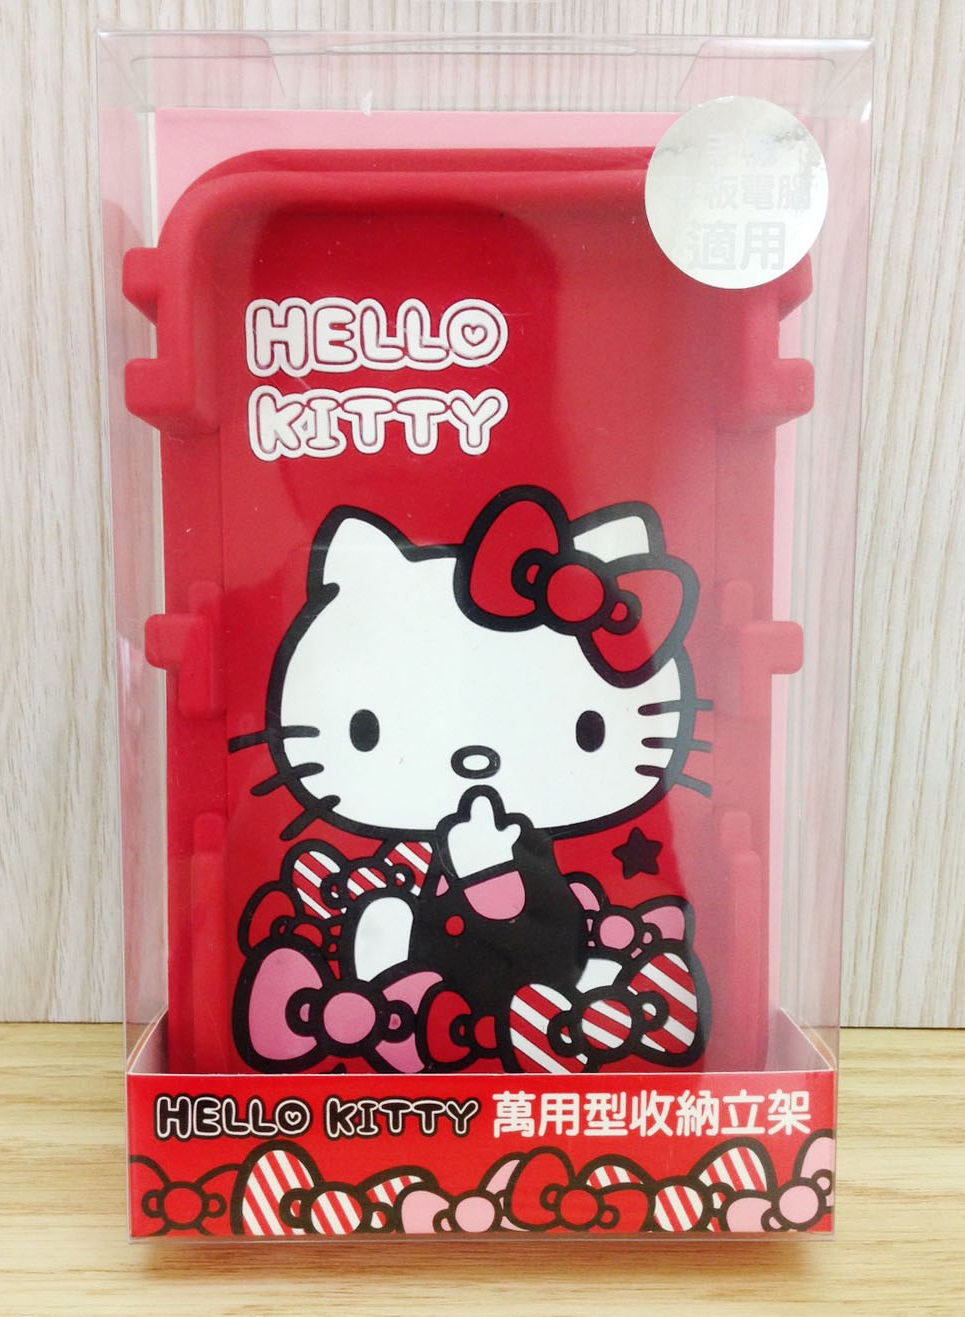 【真愛日本】16083000038手機平板萬用收納立架-KT紅  三麗鷗 Hello Kitty 凱蒂貓 收納盒 置物